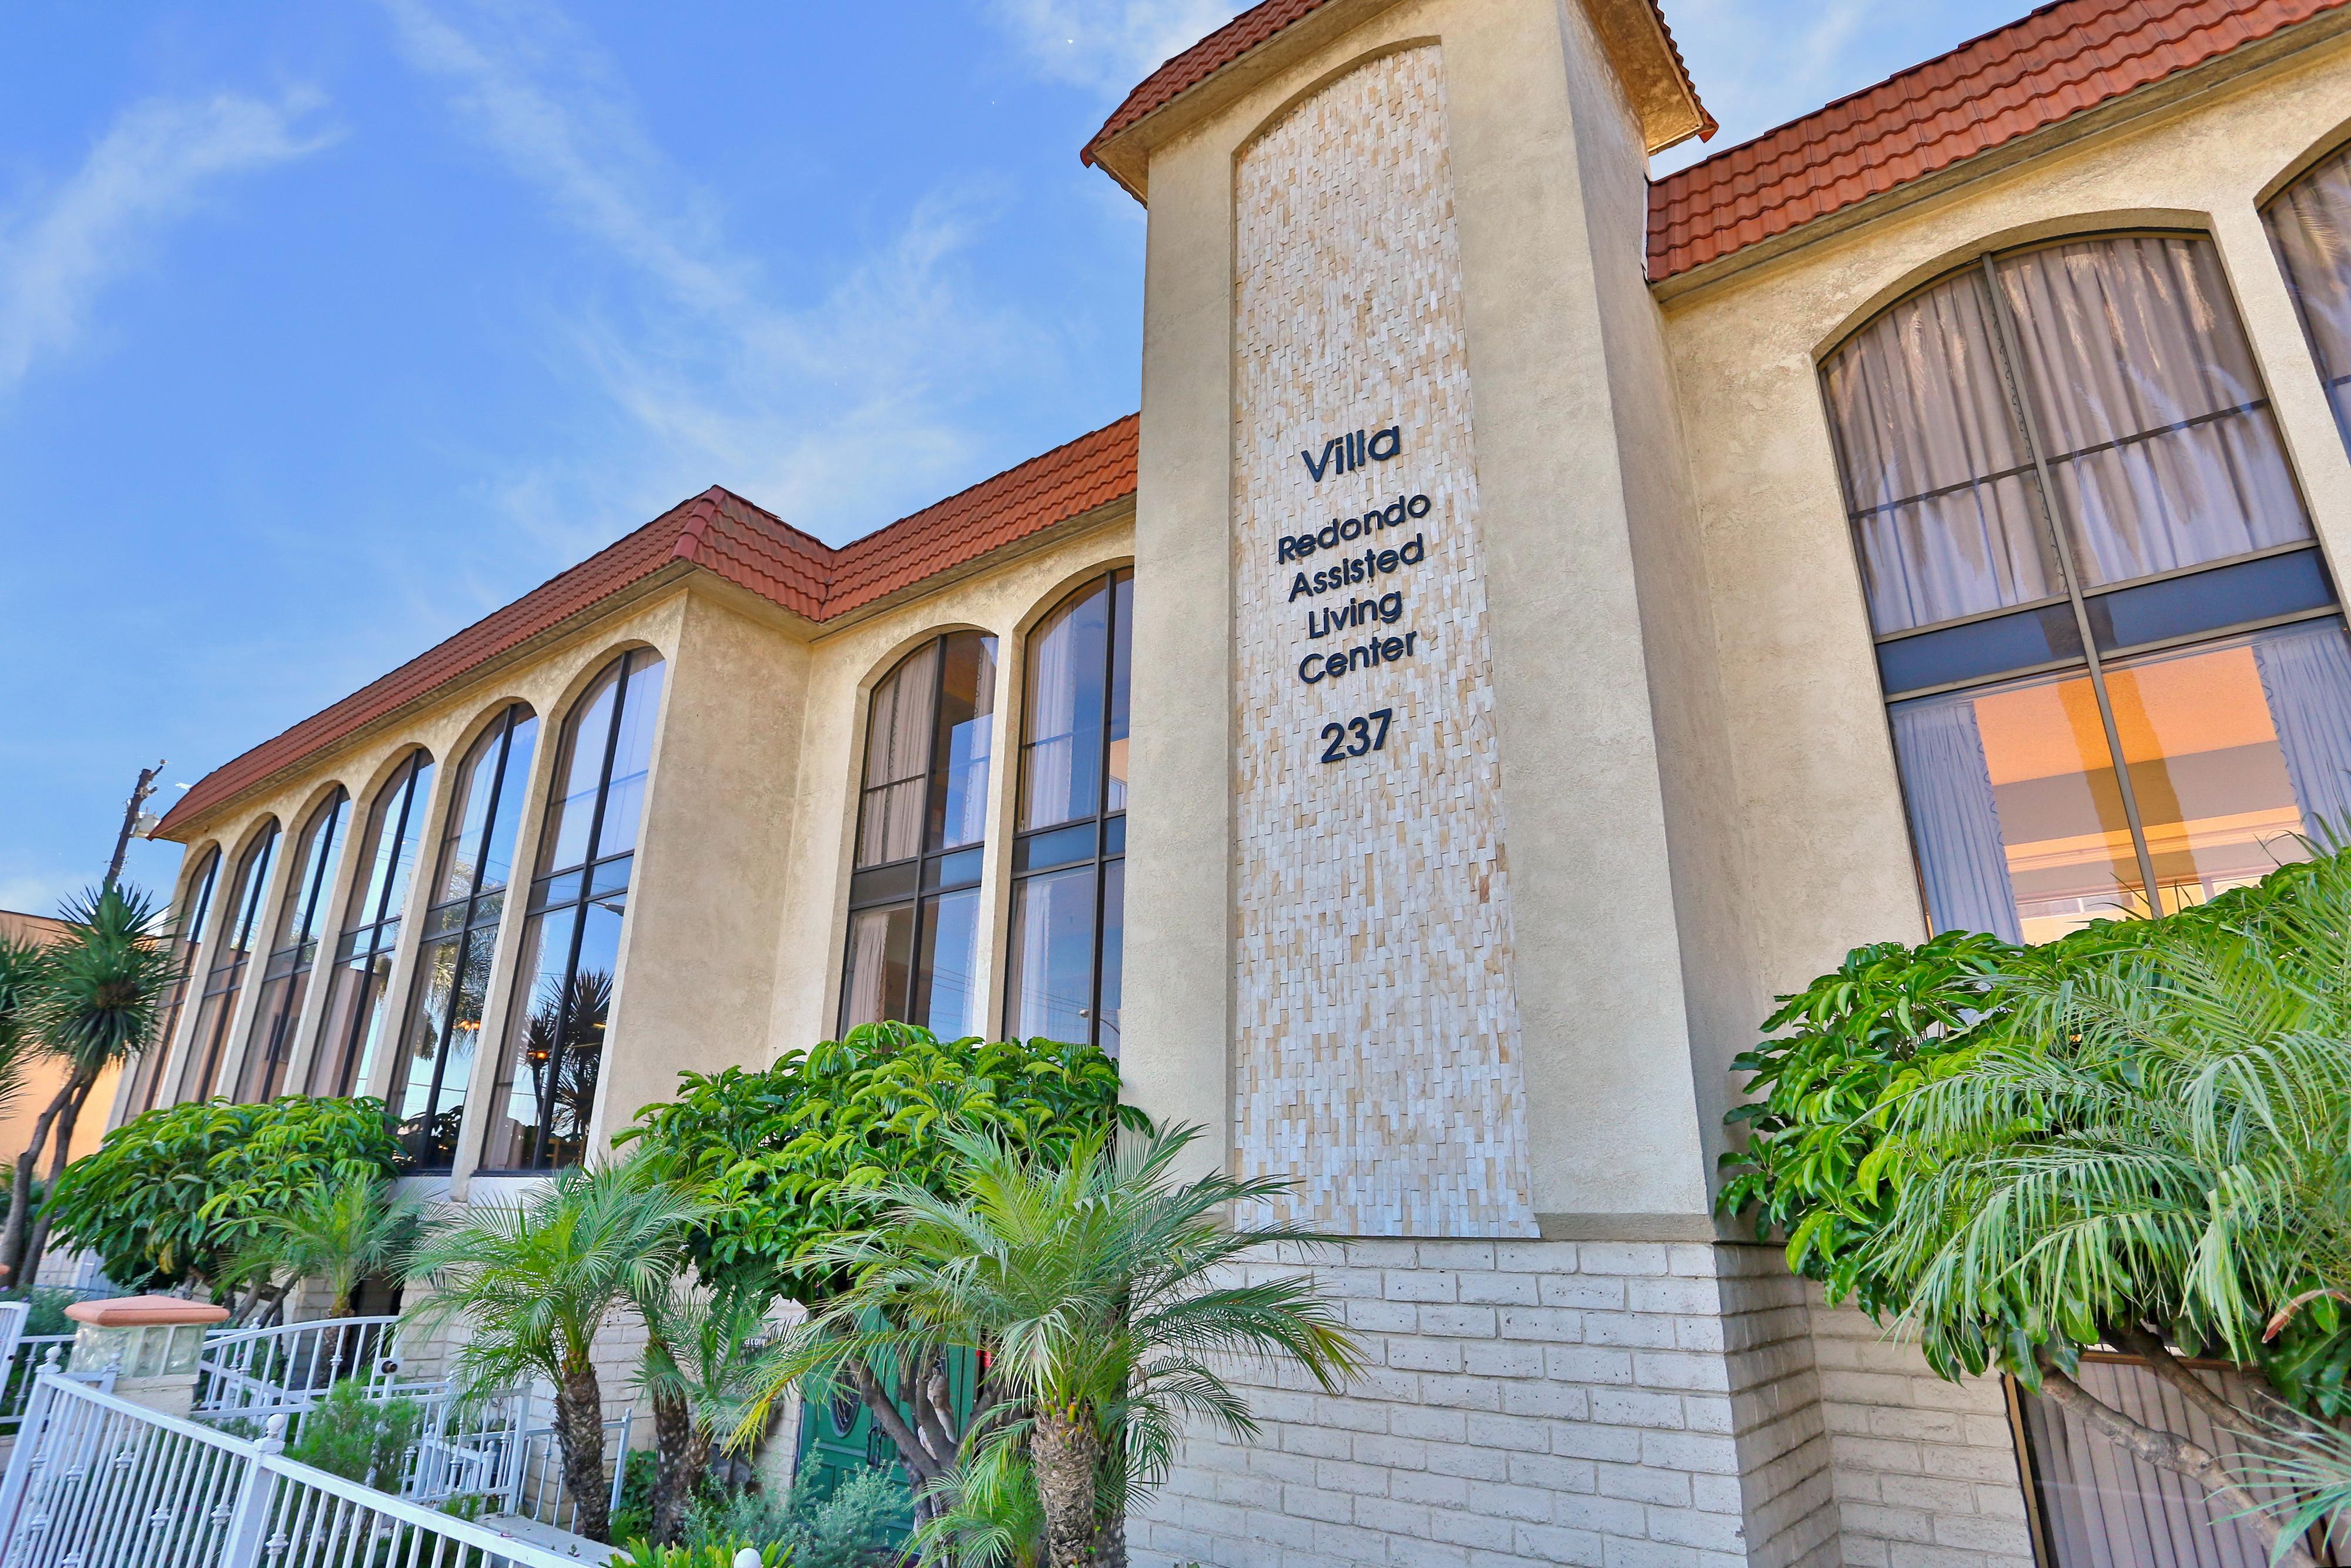 Villa Redondo Building